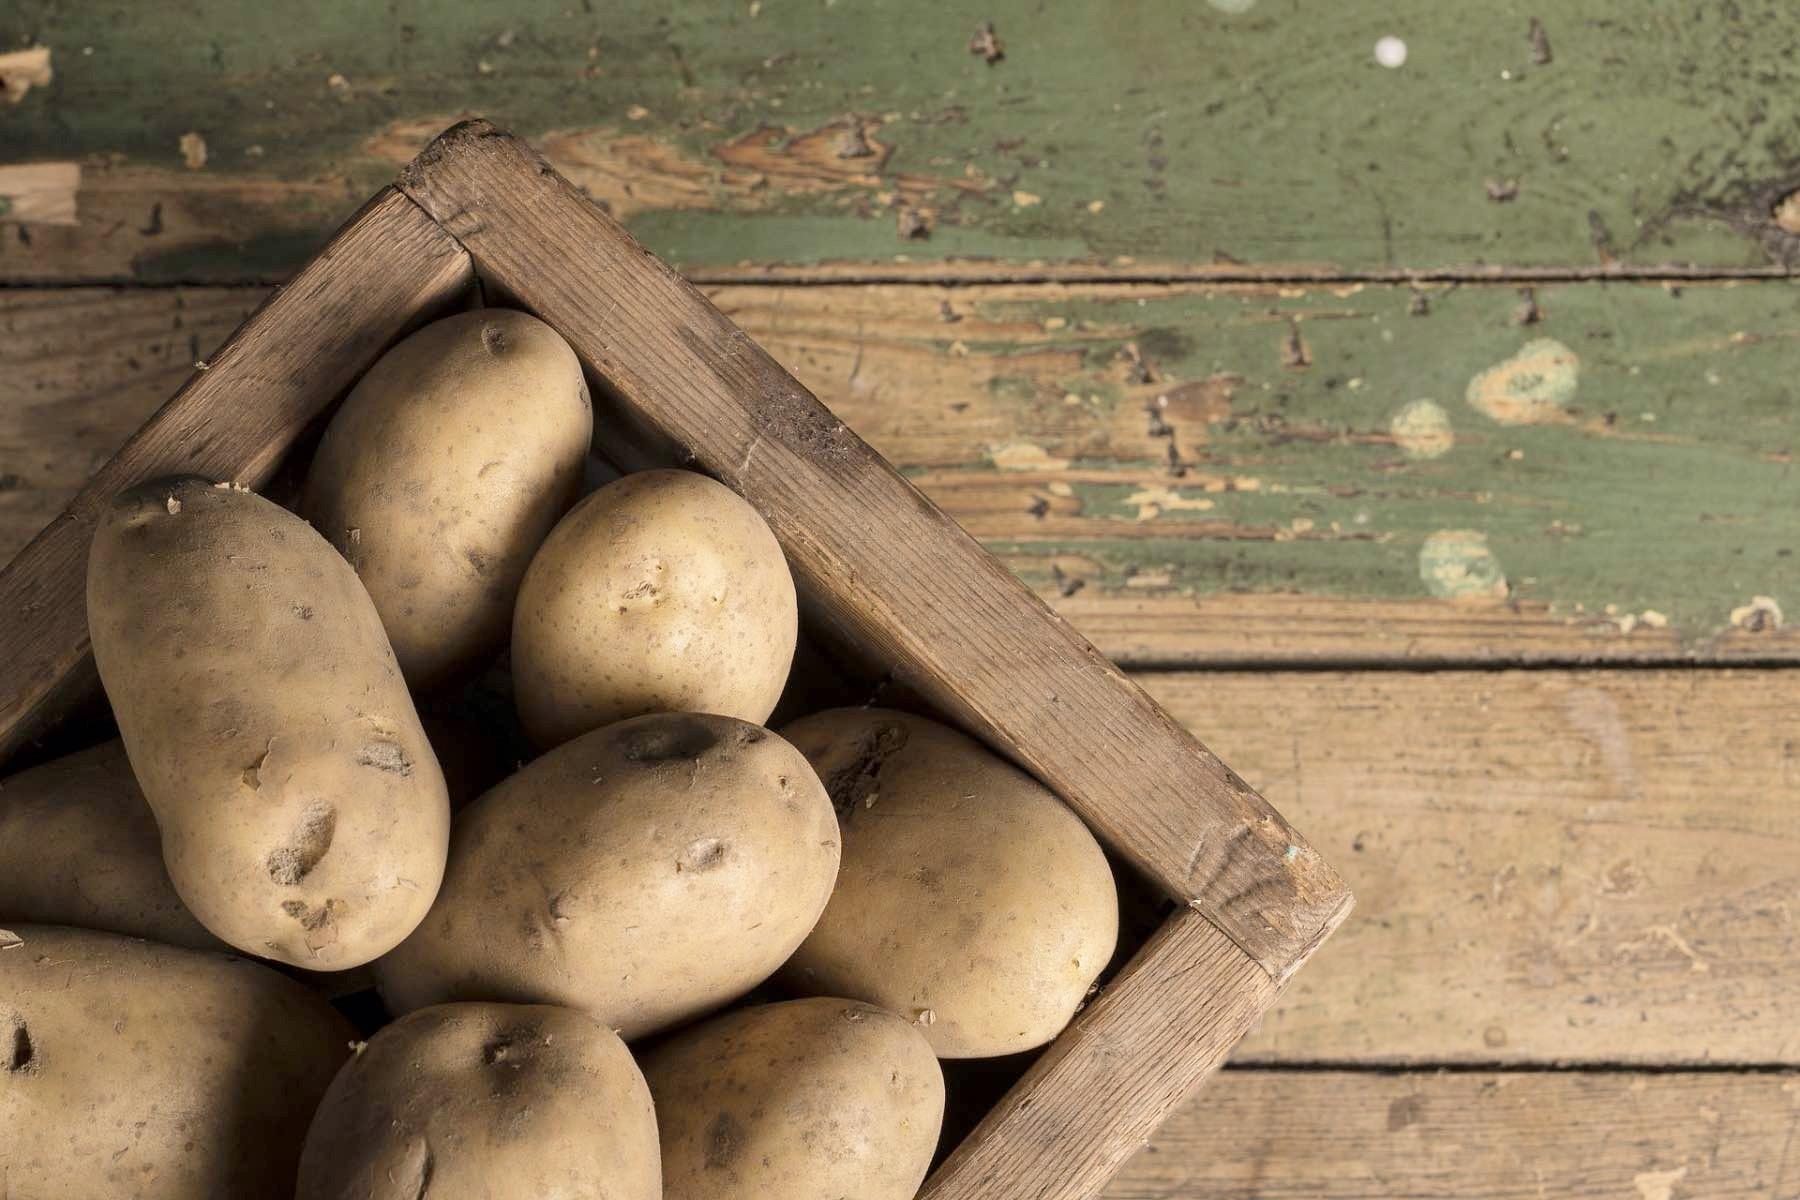 frischeautomaten augsburg Kartoffel – ©Unsplash